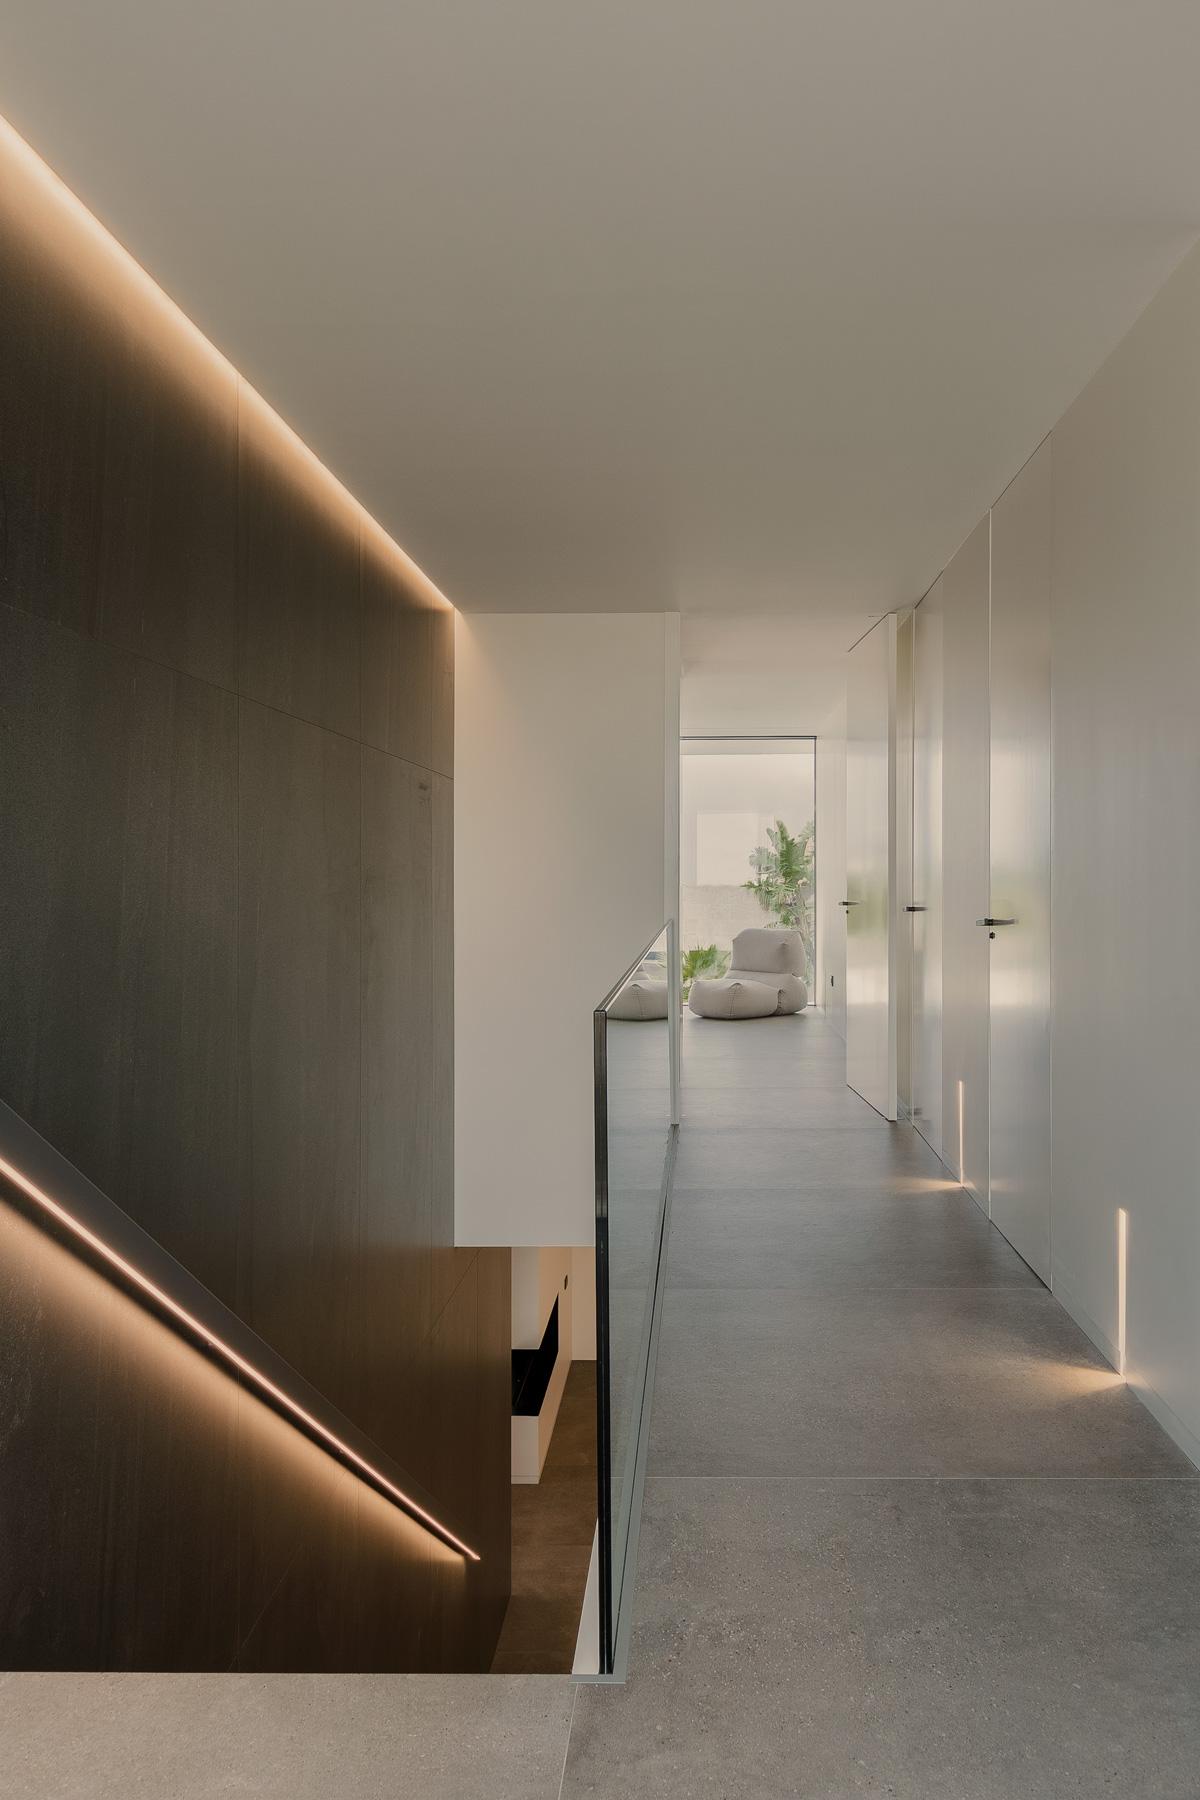 Pasillo en blanco y negro de casa moderna y minimalista